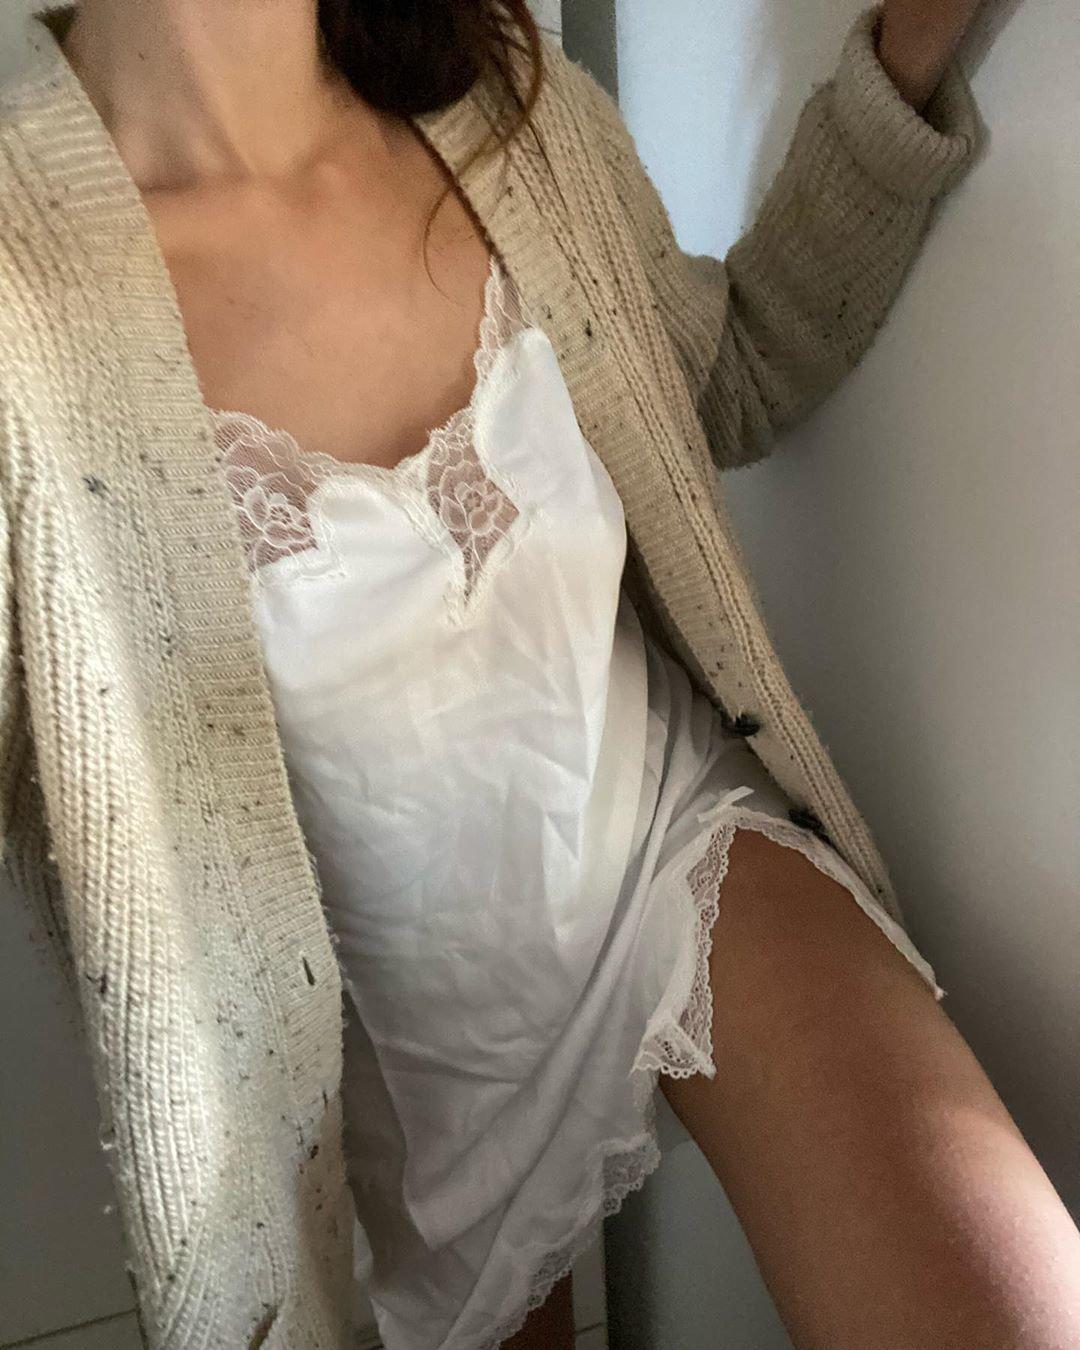 Vic Hollo - Pijamas estilosos - pijamas - verão  - em casa  - https://stealthelook.com.br